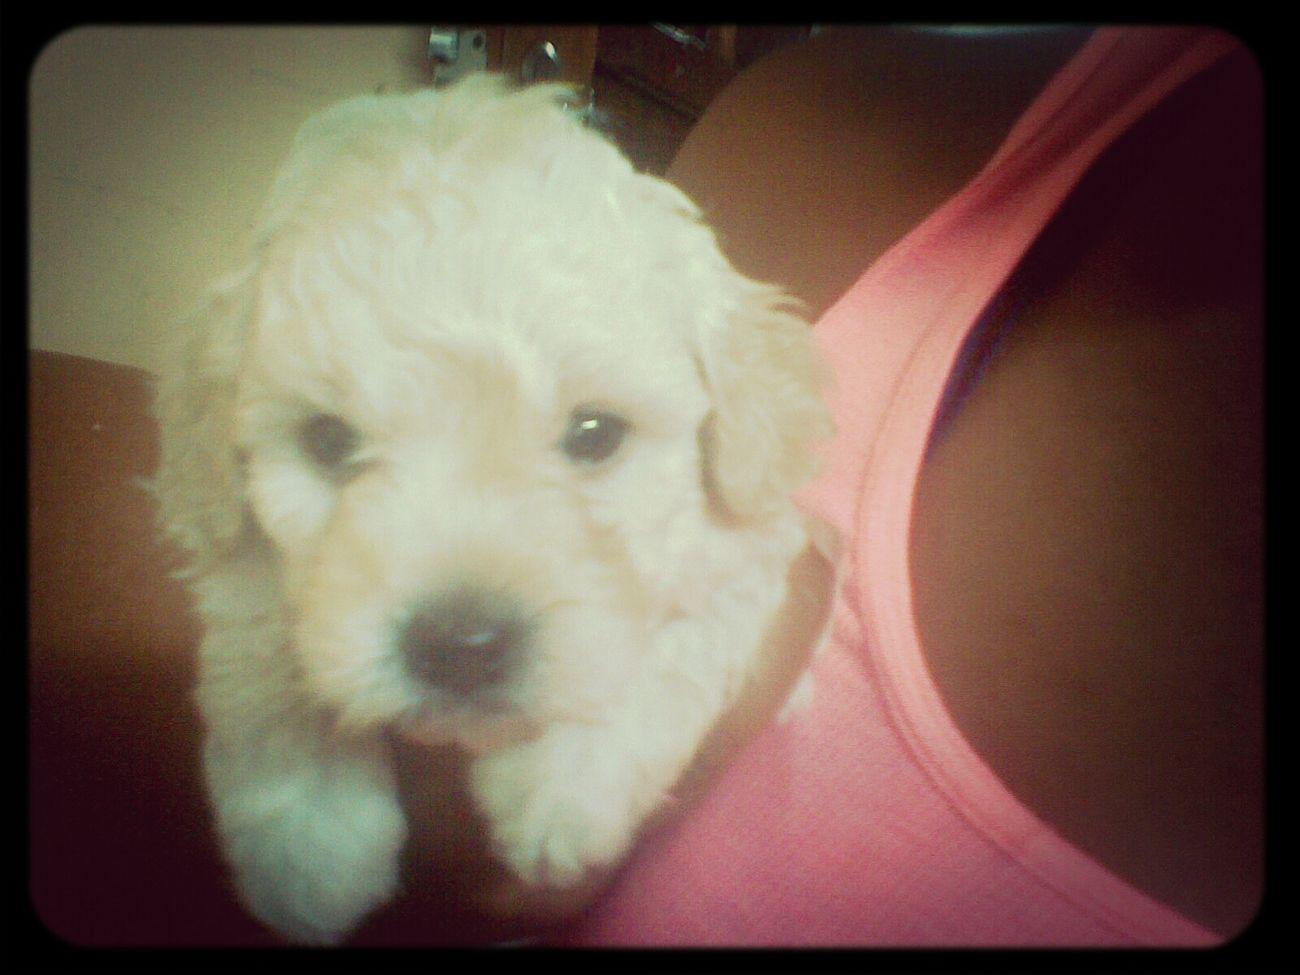 Mi Nieto Hijo De Mi Puppy..:-)